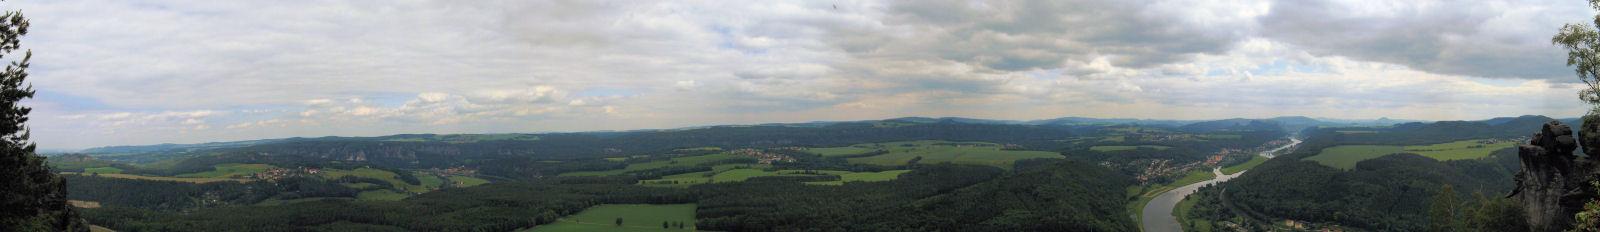 Panorama_Lilienstein_Richtung_Bad_Schandau_klein